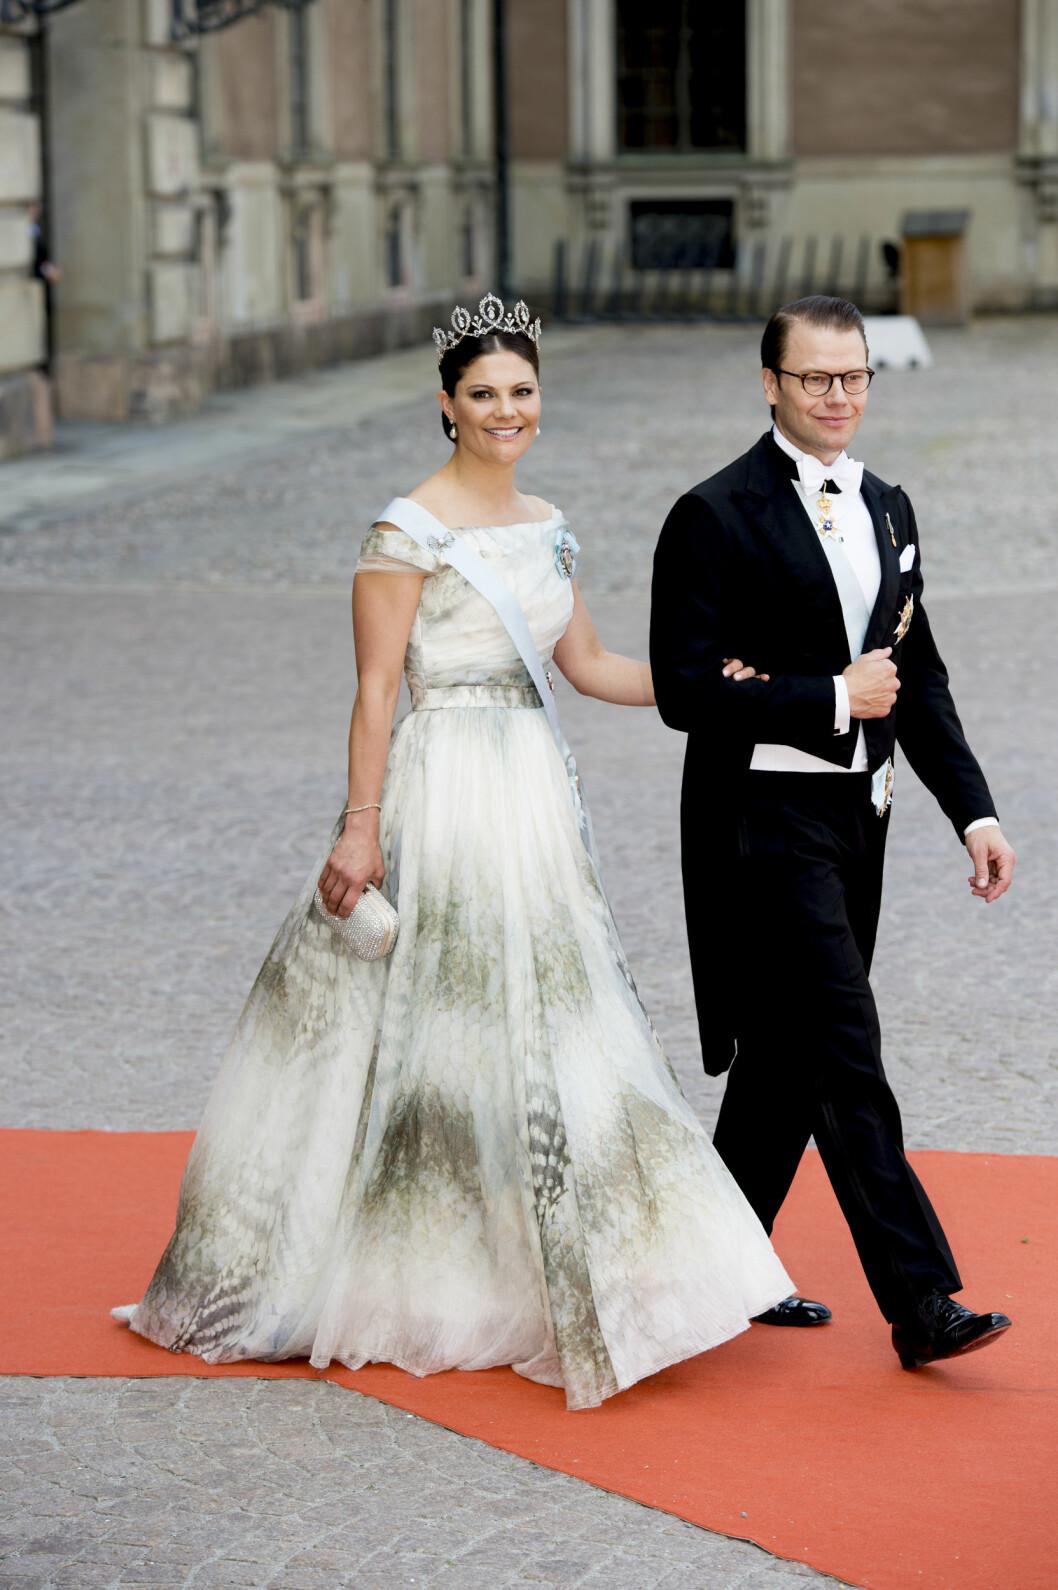 <strong>BILLIG-KJOLE:</strong> Kronprinsesse Victoria gikk for design fra Hennes &amp;amp;amp;amp;amp;amp;amp;amp;amp;amp;amp;amp;amp;amp;amp;amp;amp;amp;amp;amp;amp;amp; Mauritz&amp;amp;amp;amp;amp;amp;amp;amp;amp;amp;amp;amp;amp;amp;amp;amp;amp;amp;amp;amp;amp;#039; conscious collection. Her med ektemannen prins Daniel på vei inn i kirken. Foto: NTB Scanpix